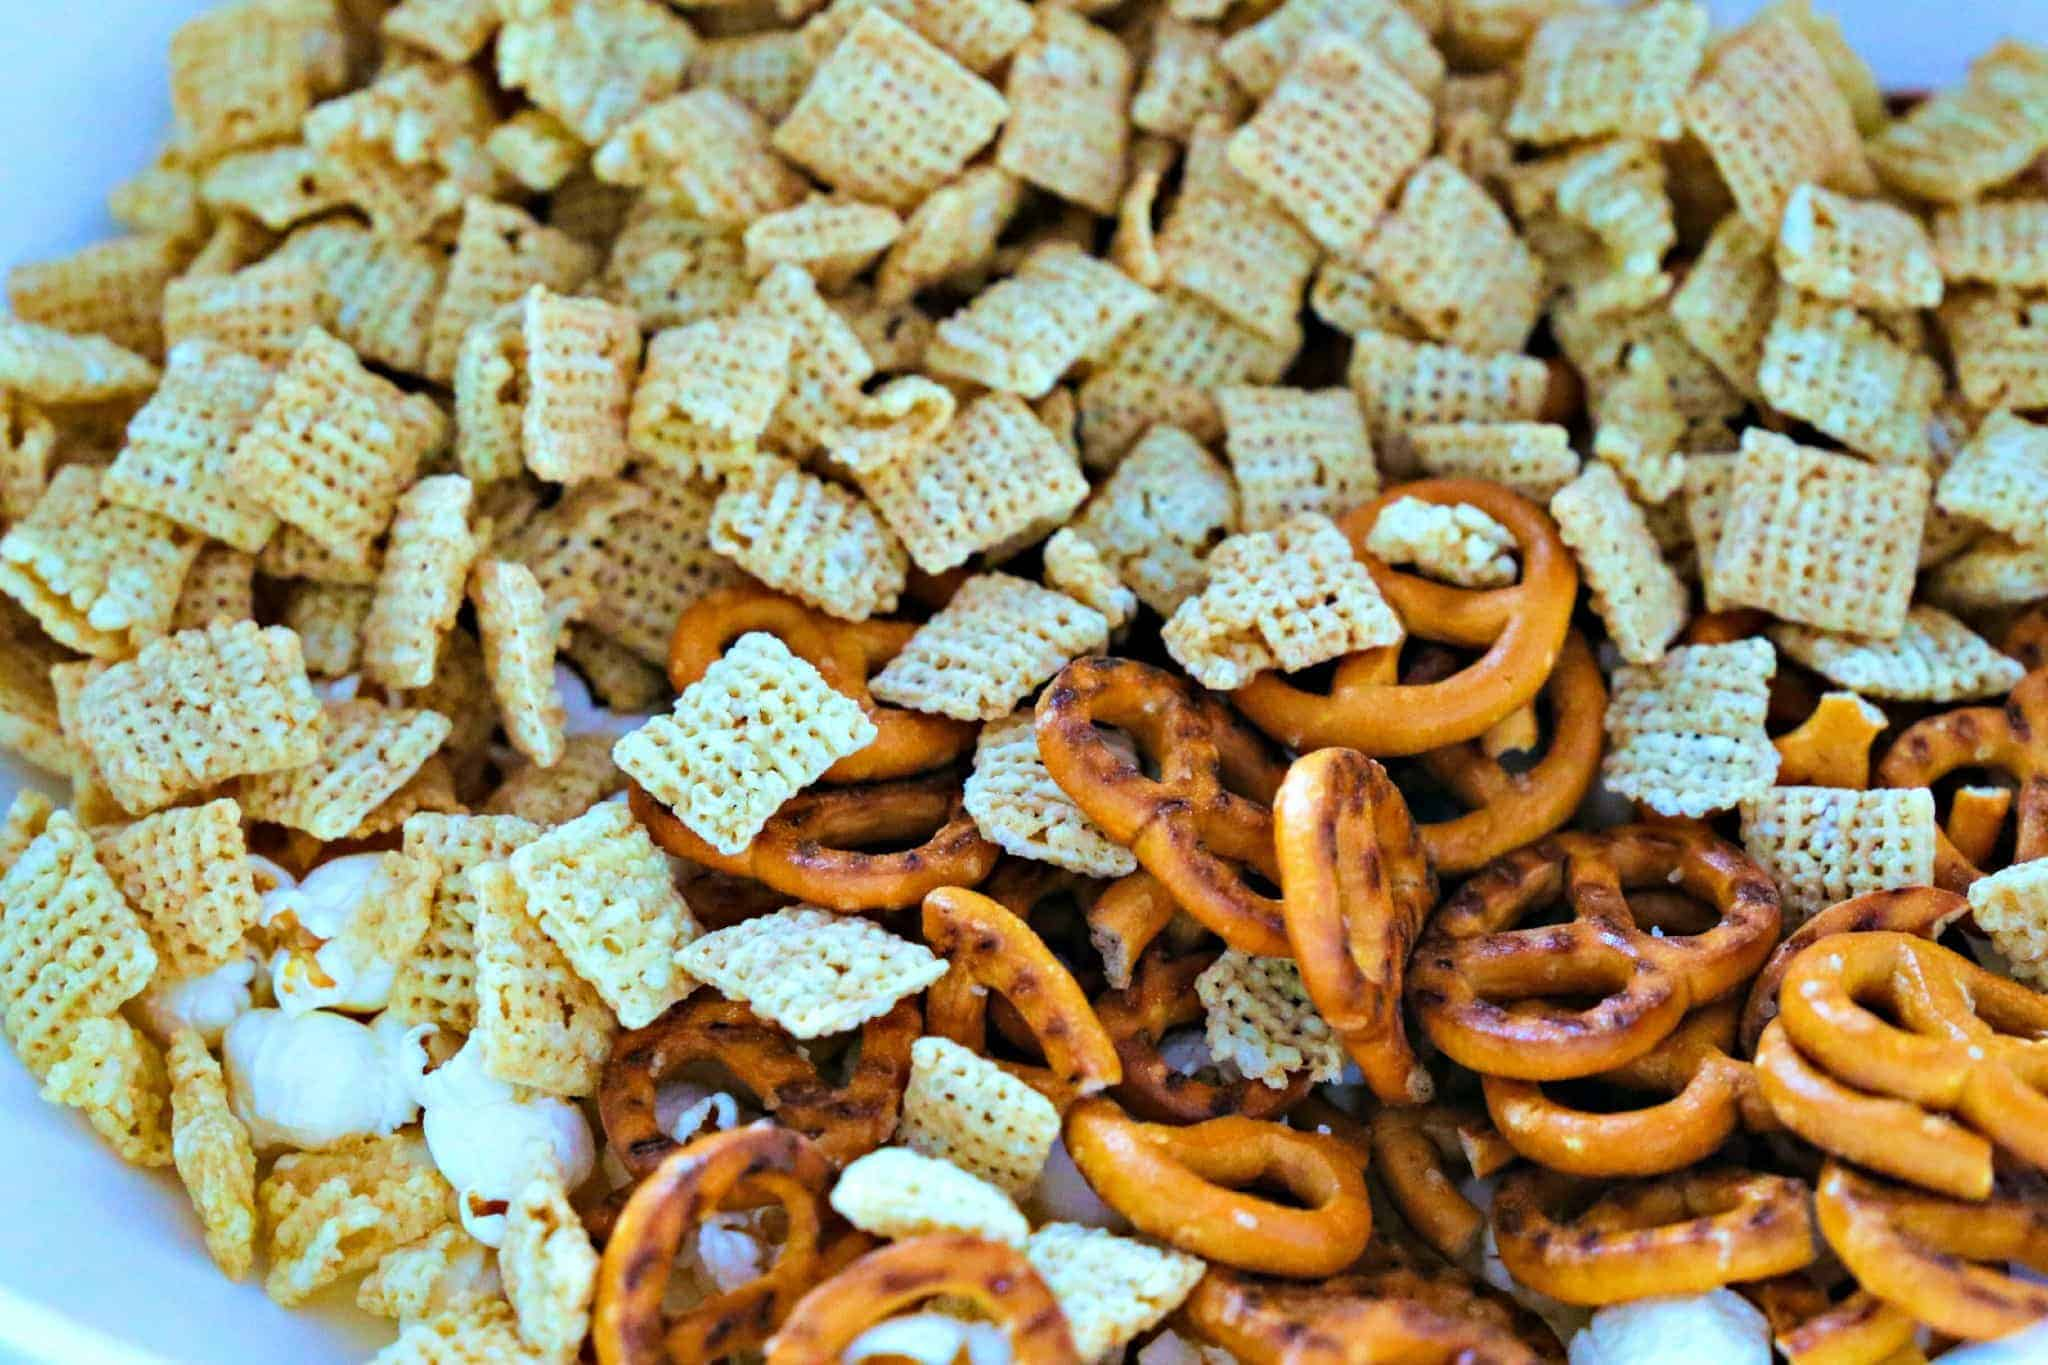 pretzels, popcorn, and Chex mix